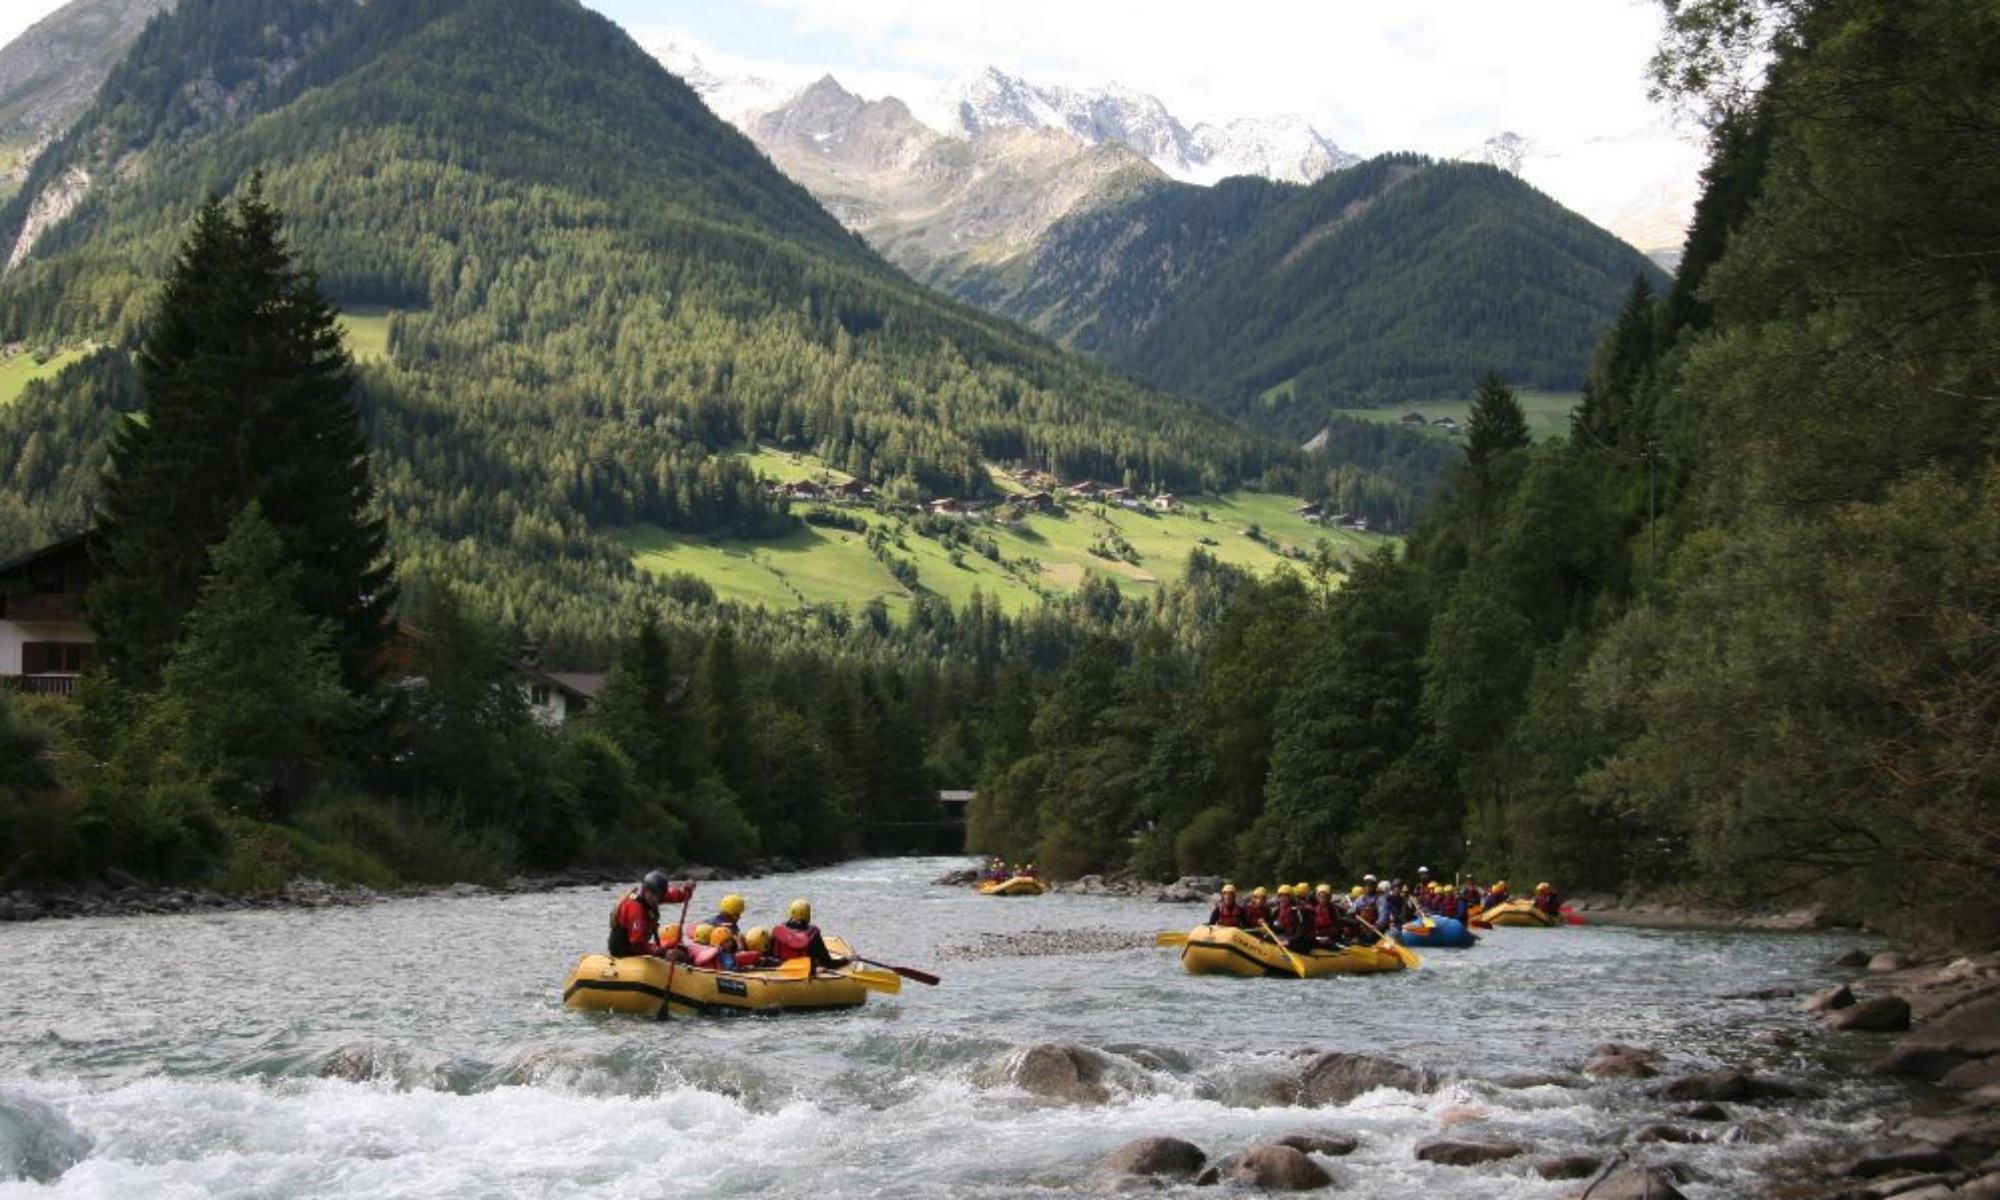 Mehrere Rafts paddeln auf einem Wildfluss in Südtirol vor dem Bergpanorama der Dolomiten.